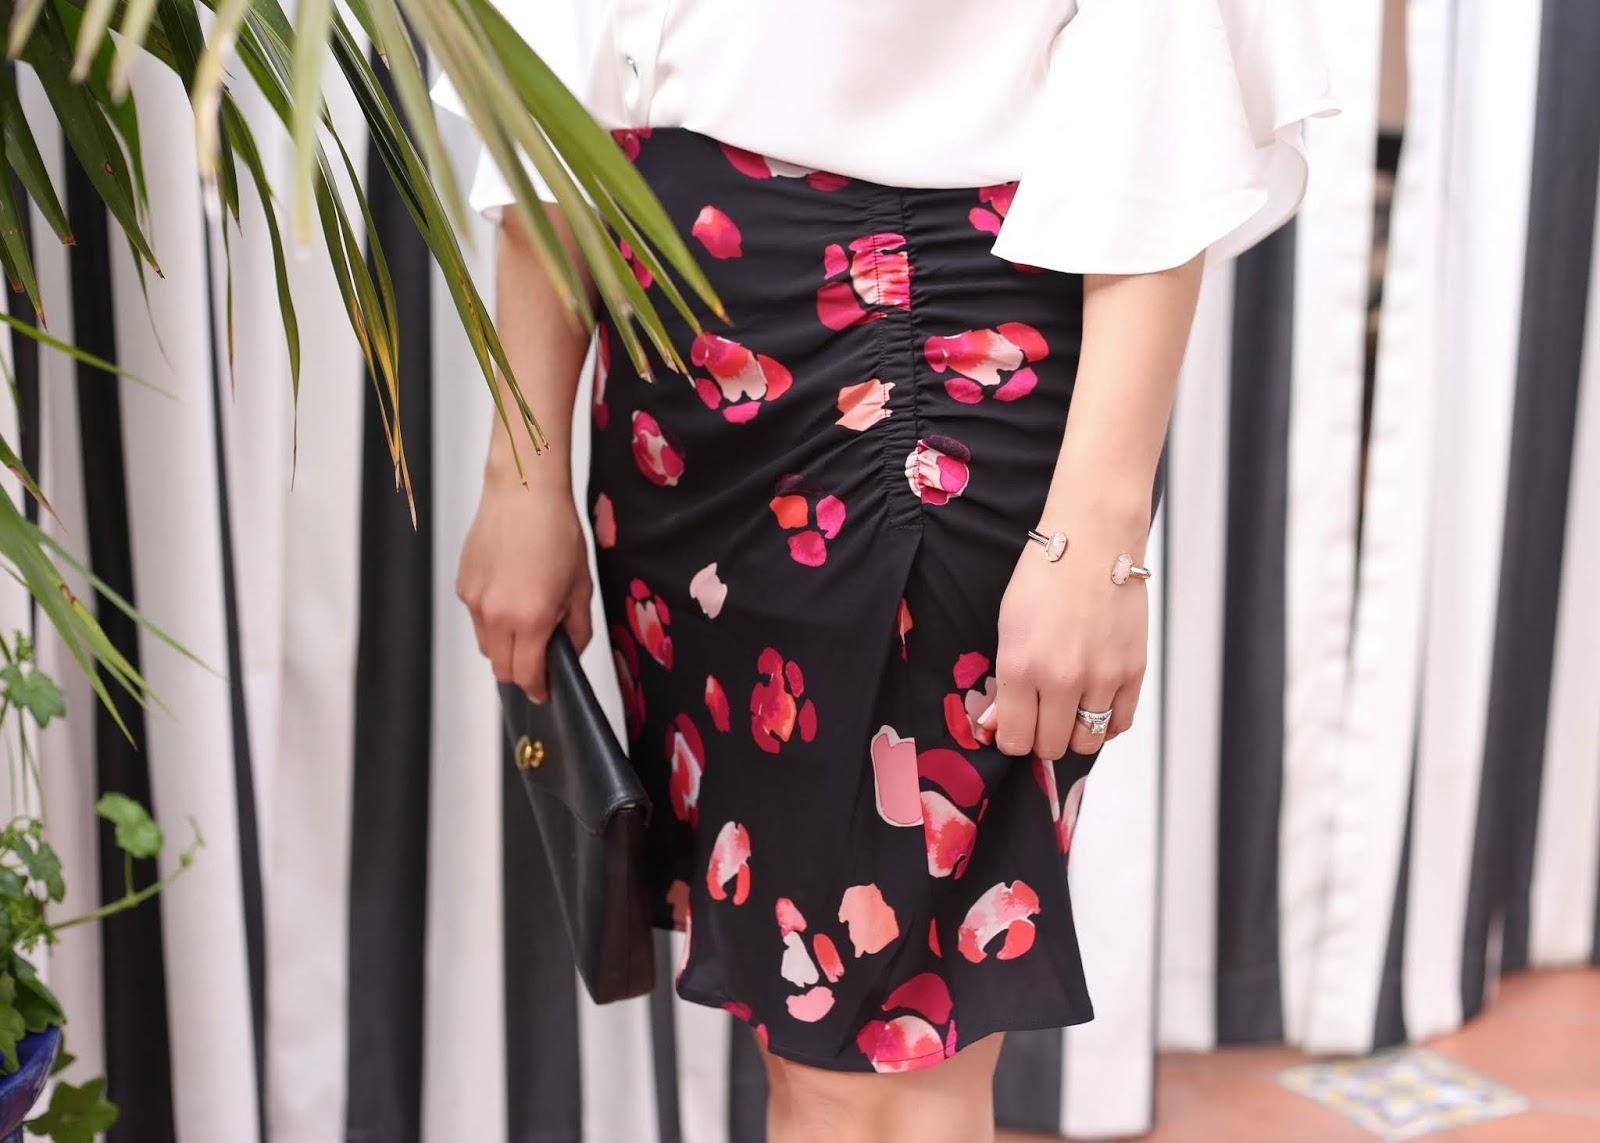 cabi petal skirt, Kendra Scott cuff